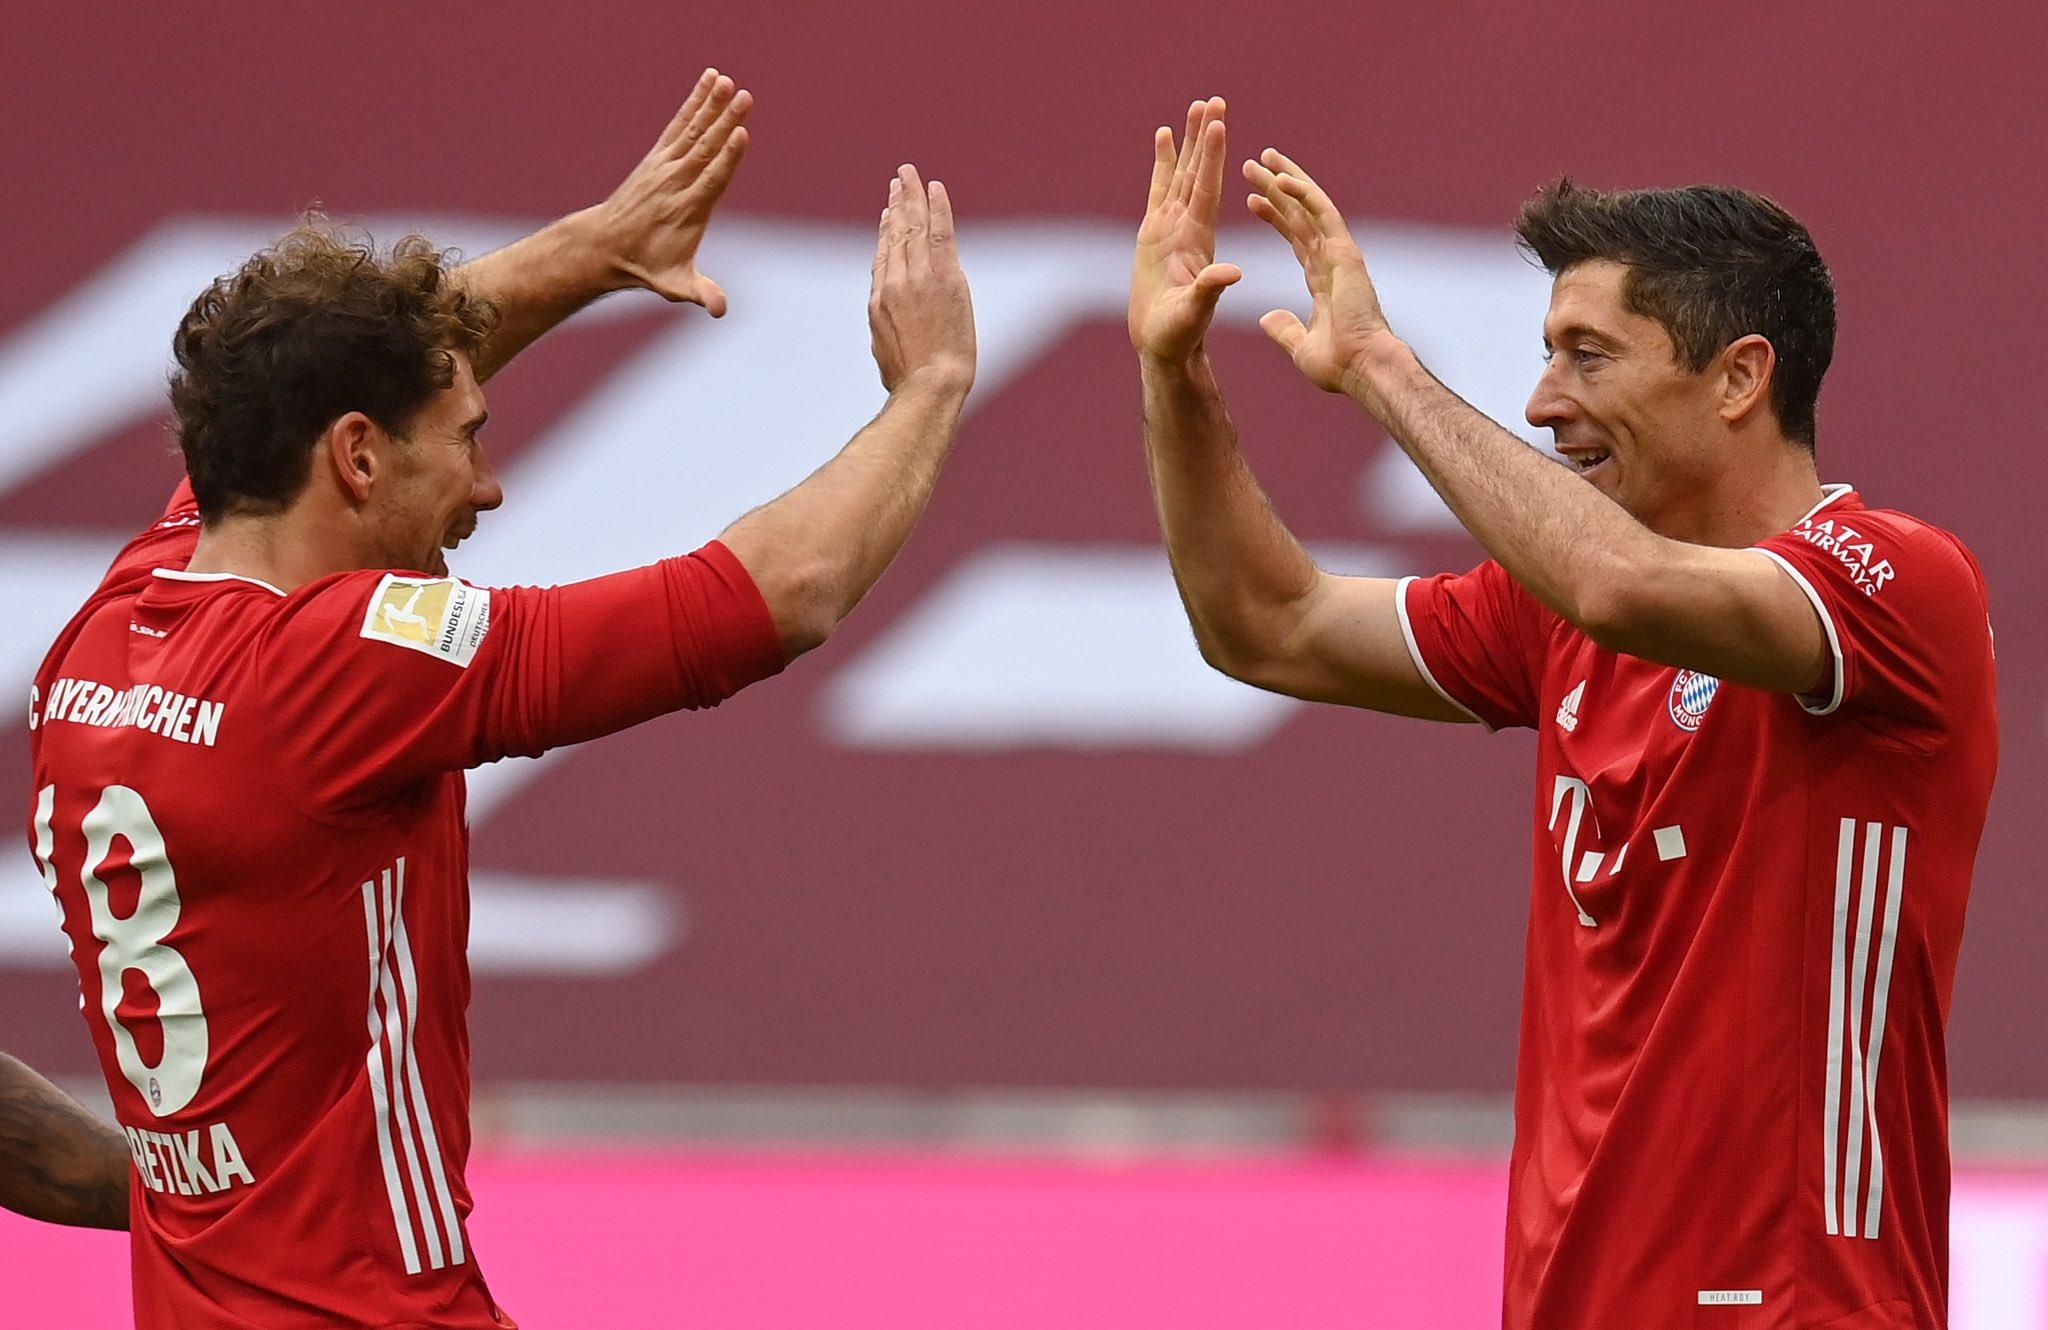 进攻火力十足!拜仁5轮22球创造德甲同期最多进球记录